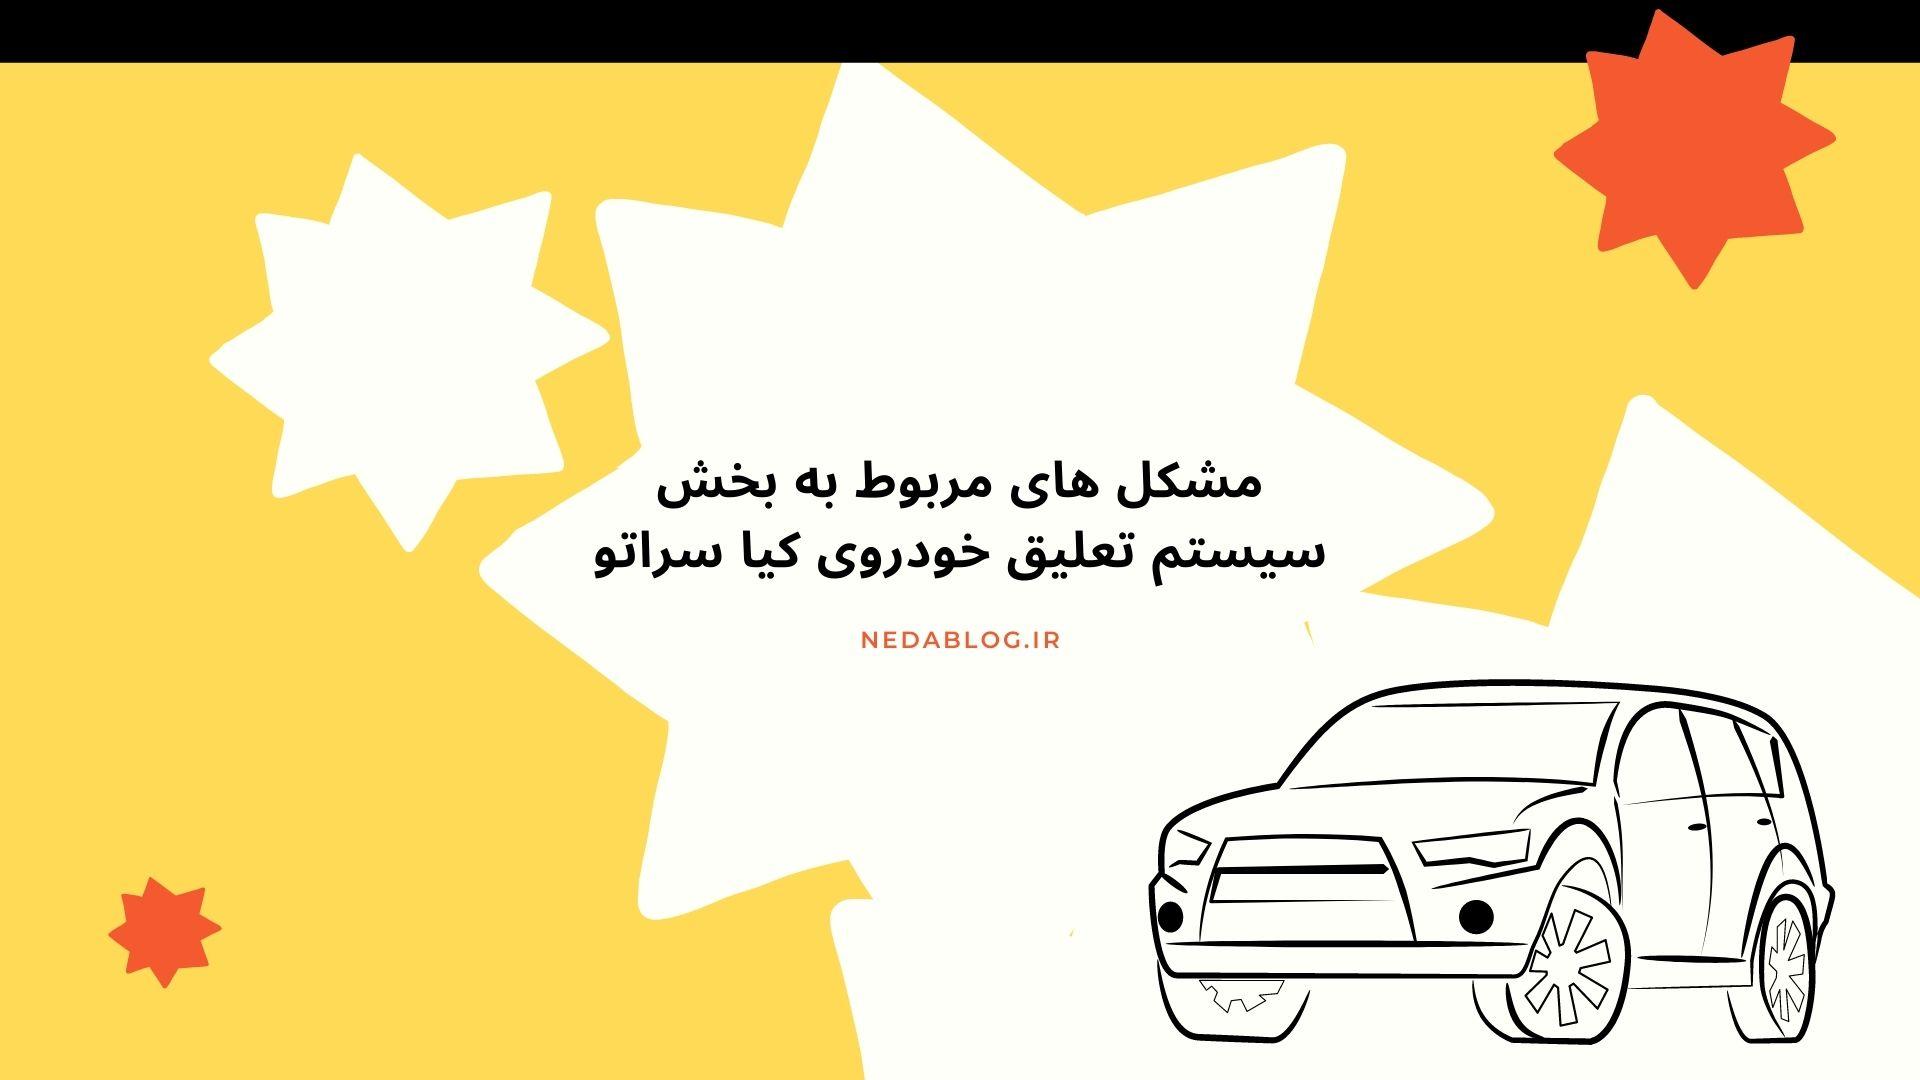 مشکل های مربوط به بخش سیستم تعلیق خودروی کیا سراتو: